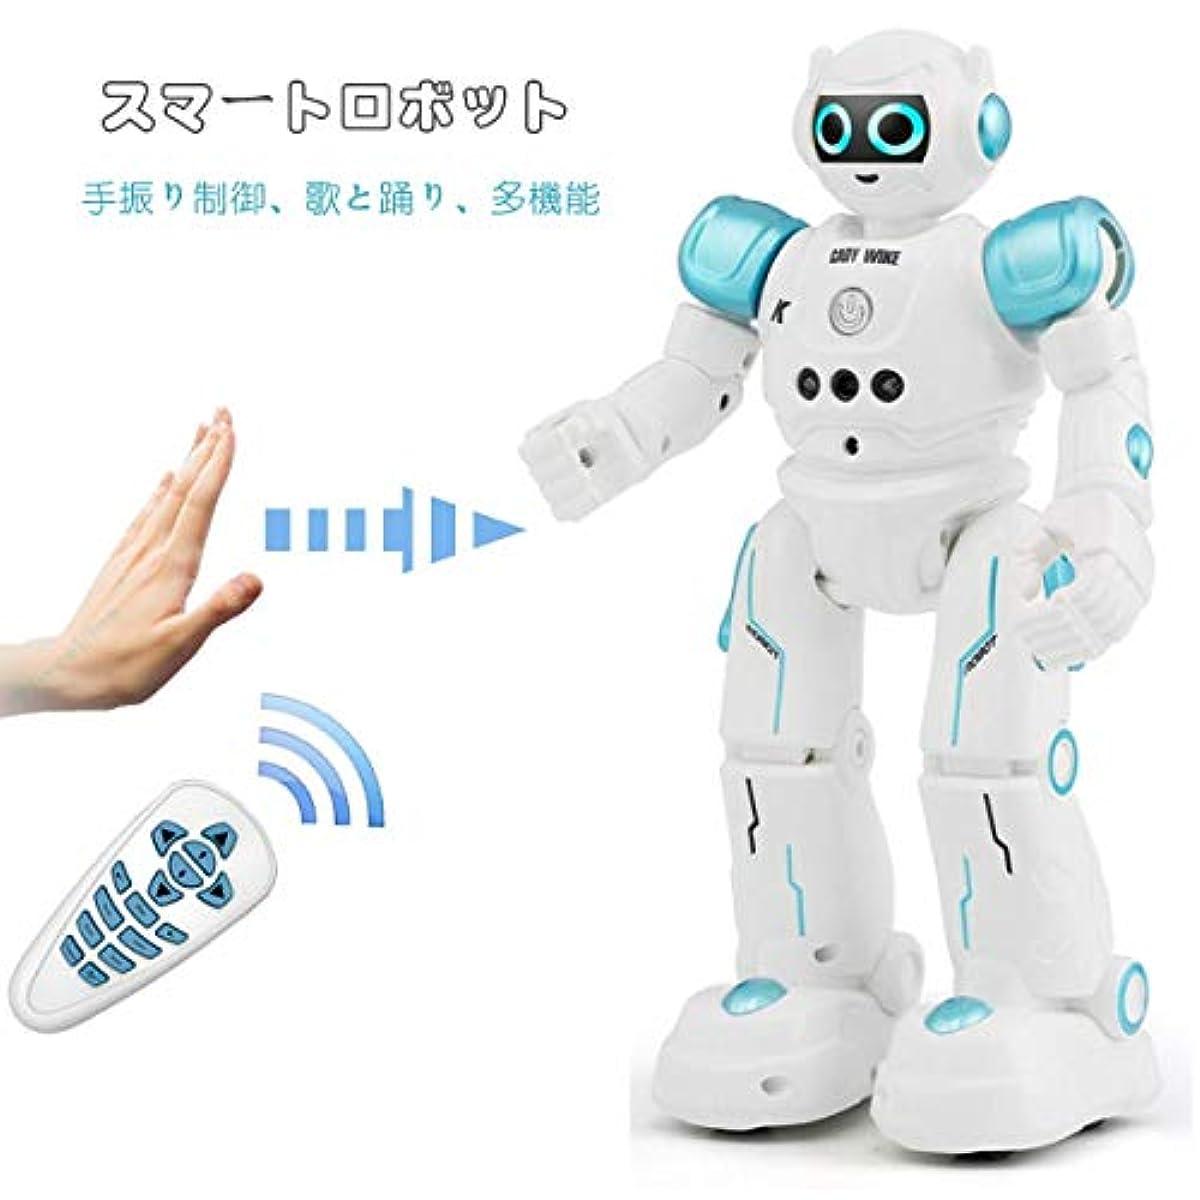 [해외] 다기능 로보트 장난감 라디오 컨트롤 로보트 손짓 제어 그것은 노래와 춤을 한 아이의 장난감 해피버스데이 선물 청